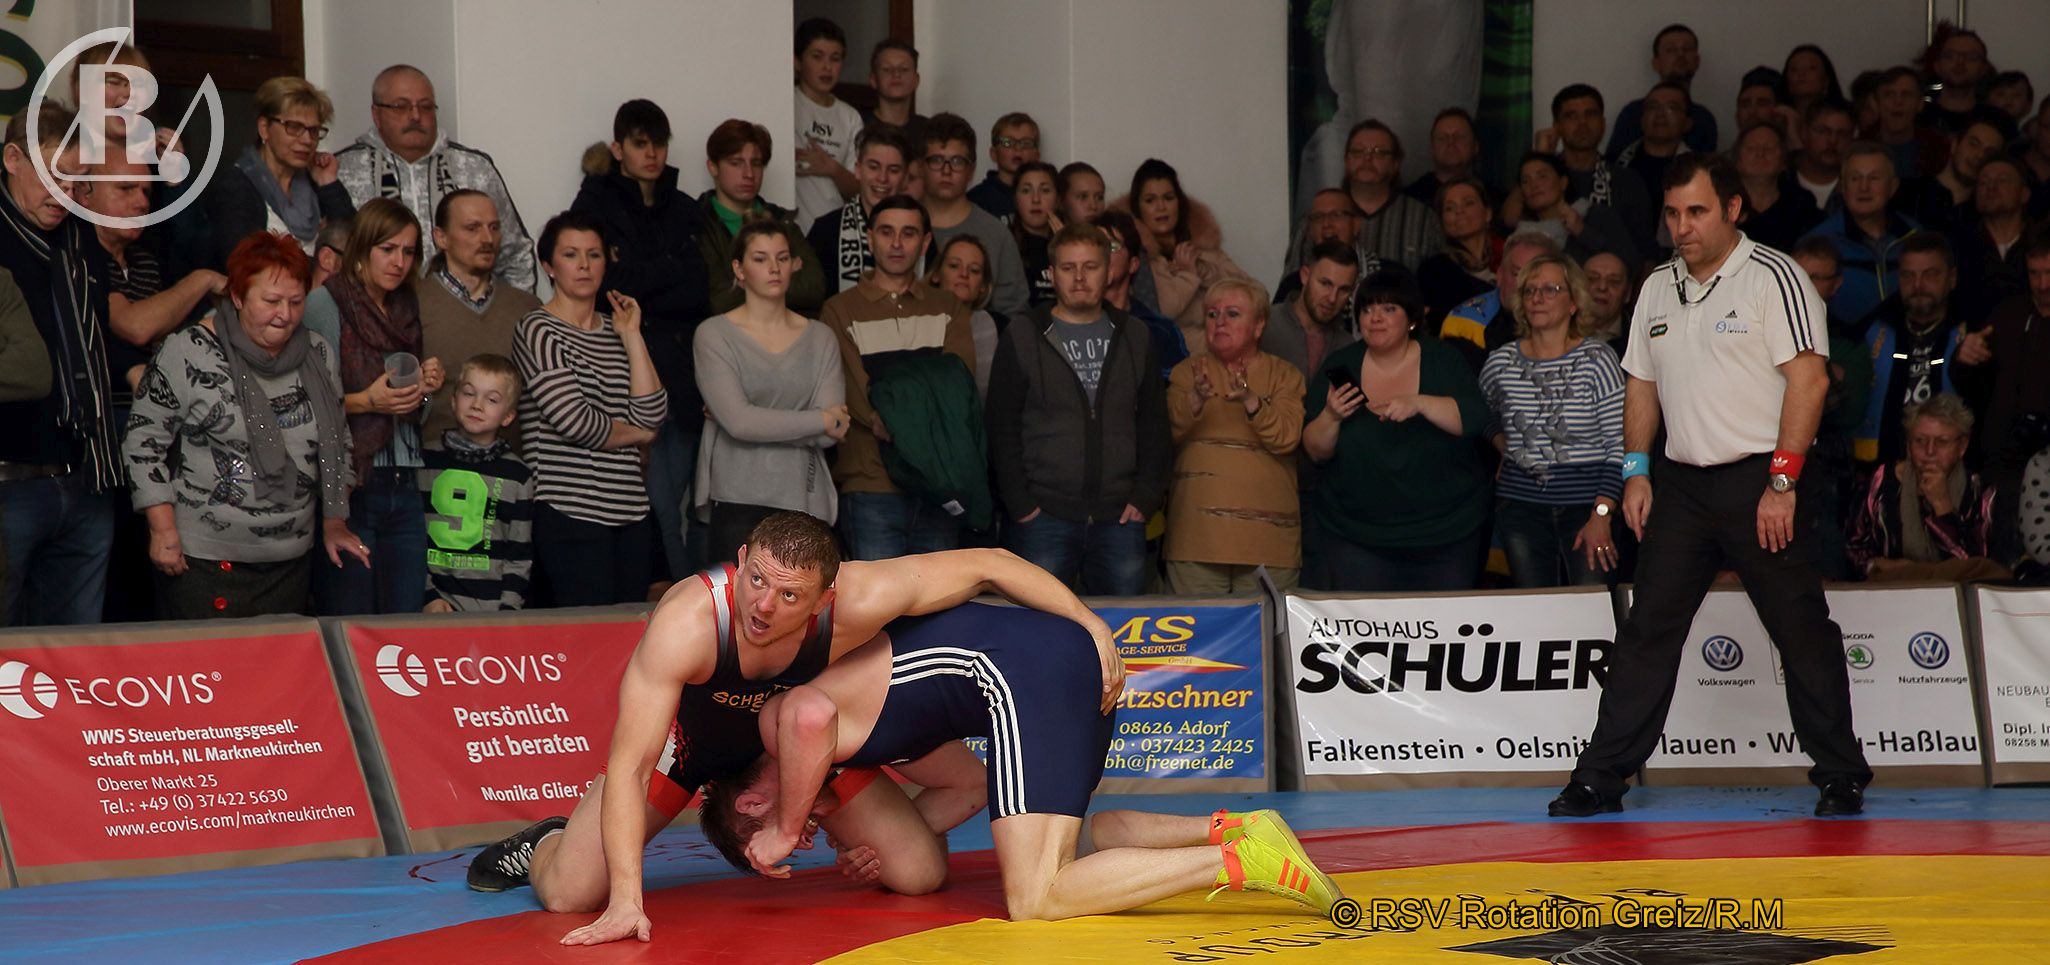 Finale – Regionalliga Mitteldeutschland:  AV Germania Markneukirchen gegen RSV Rotation Greiz endet 14:13